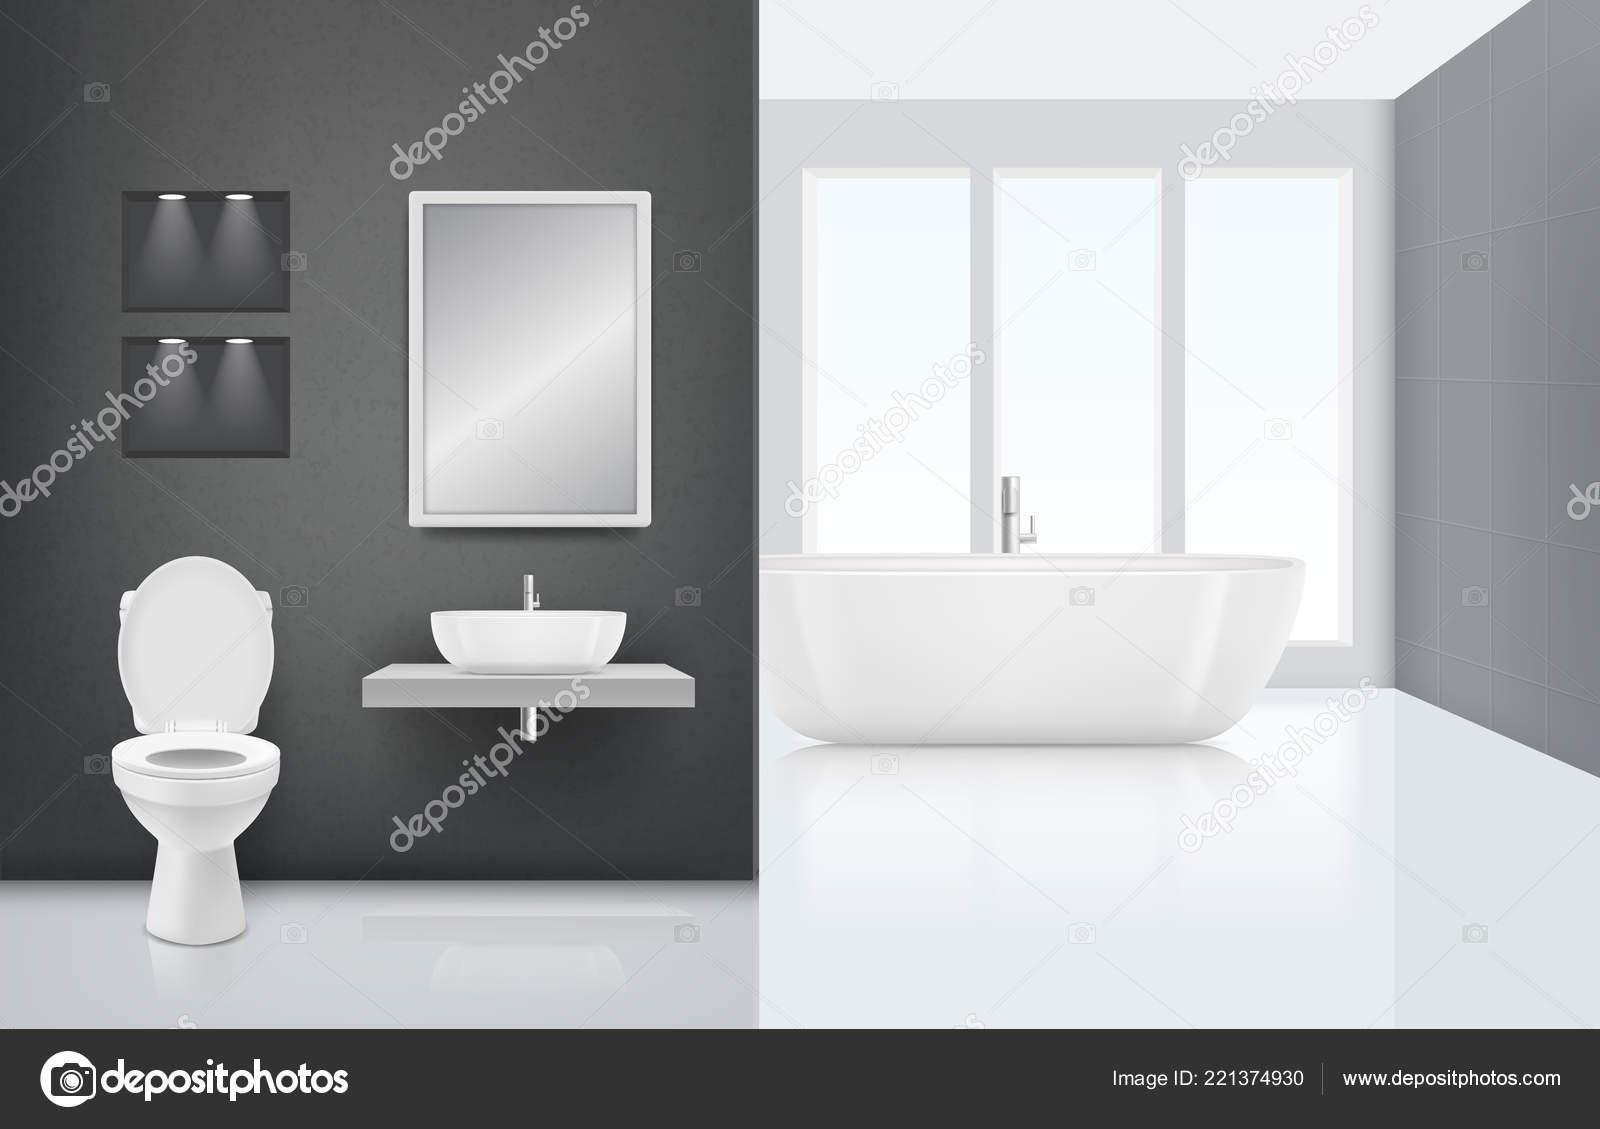 Modernes Badezimmer Interieur. WC Waschbecken Waschen Kabine In Frischen  Und Weißen Bad Luxus Stilvollen